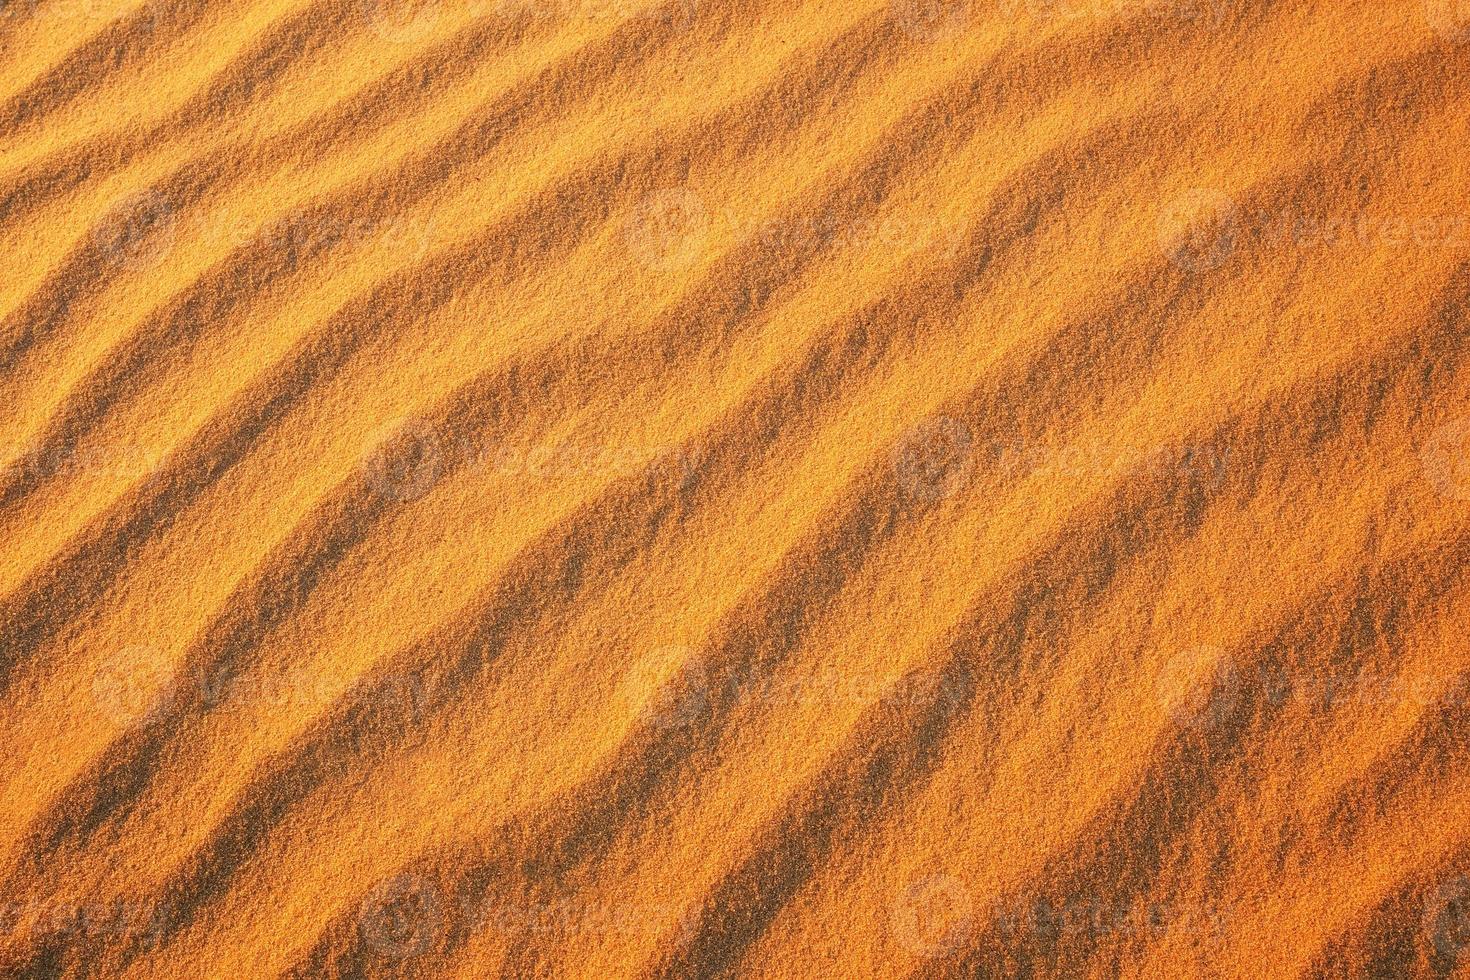 sfondo di sabbia del deserto. foto